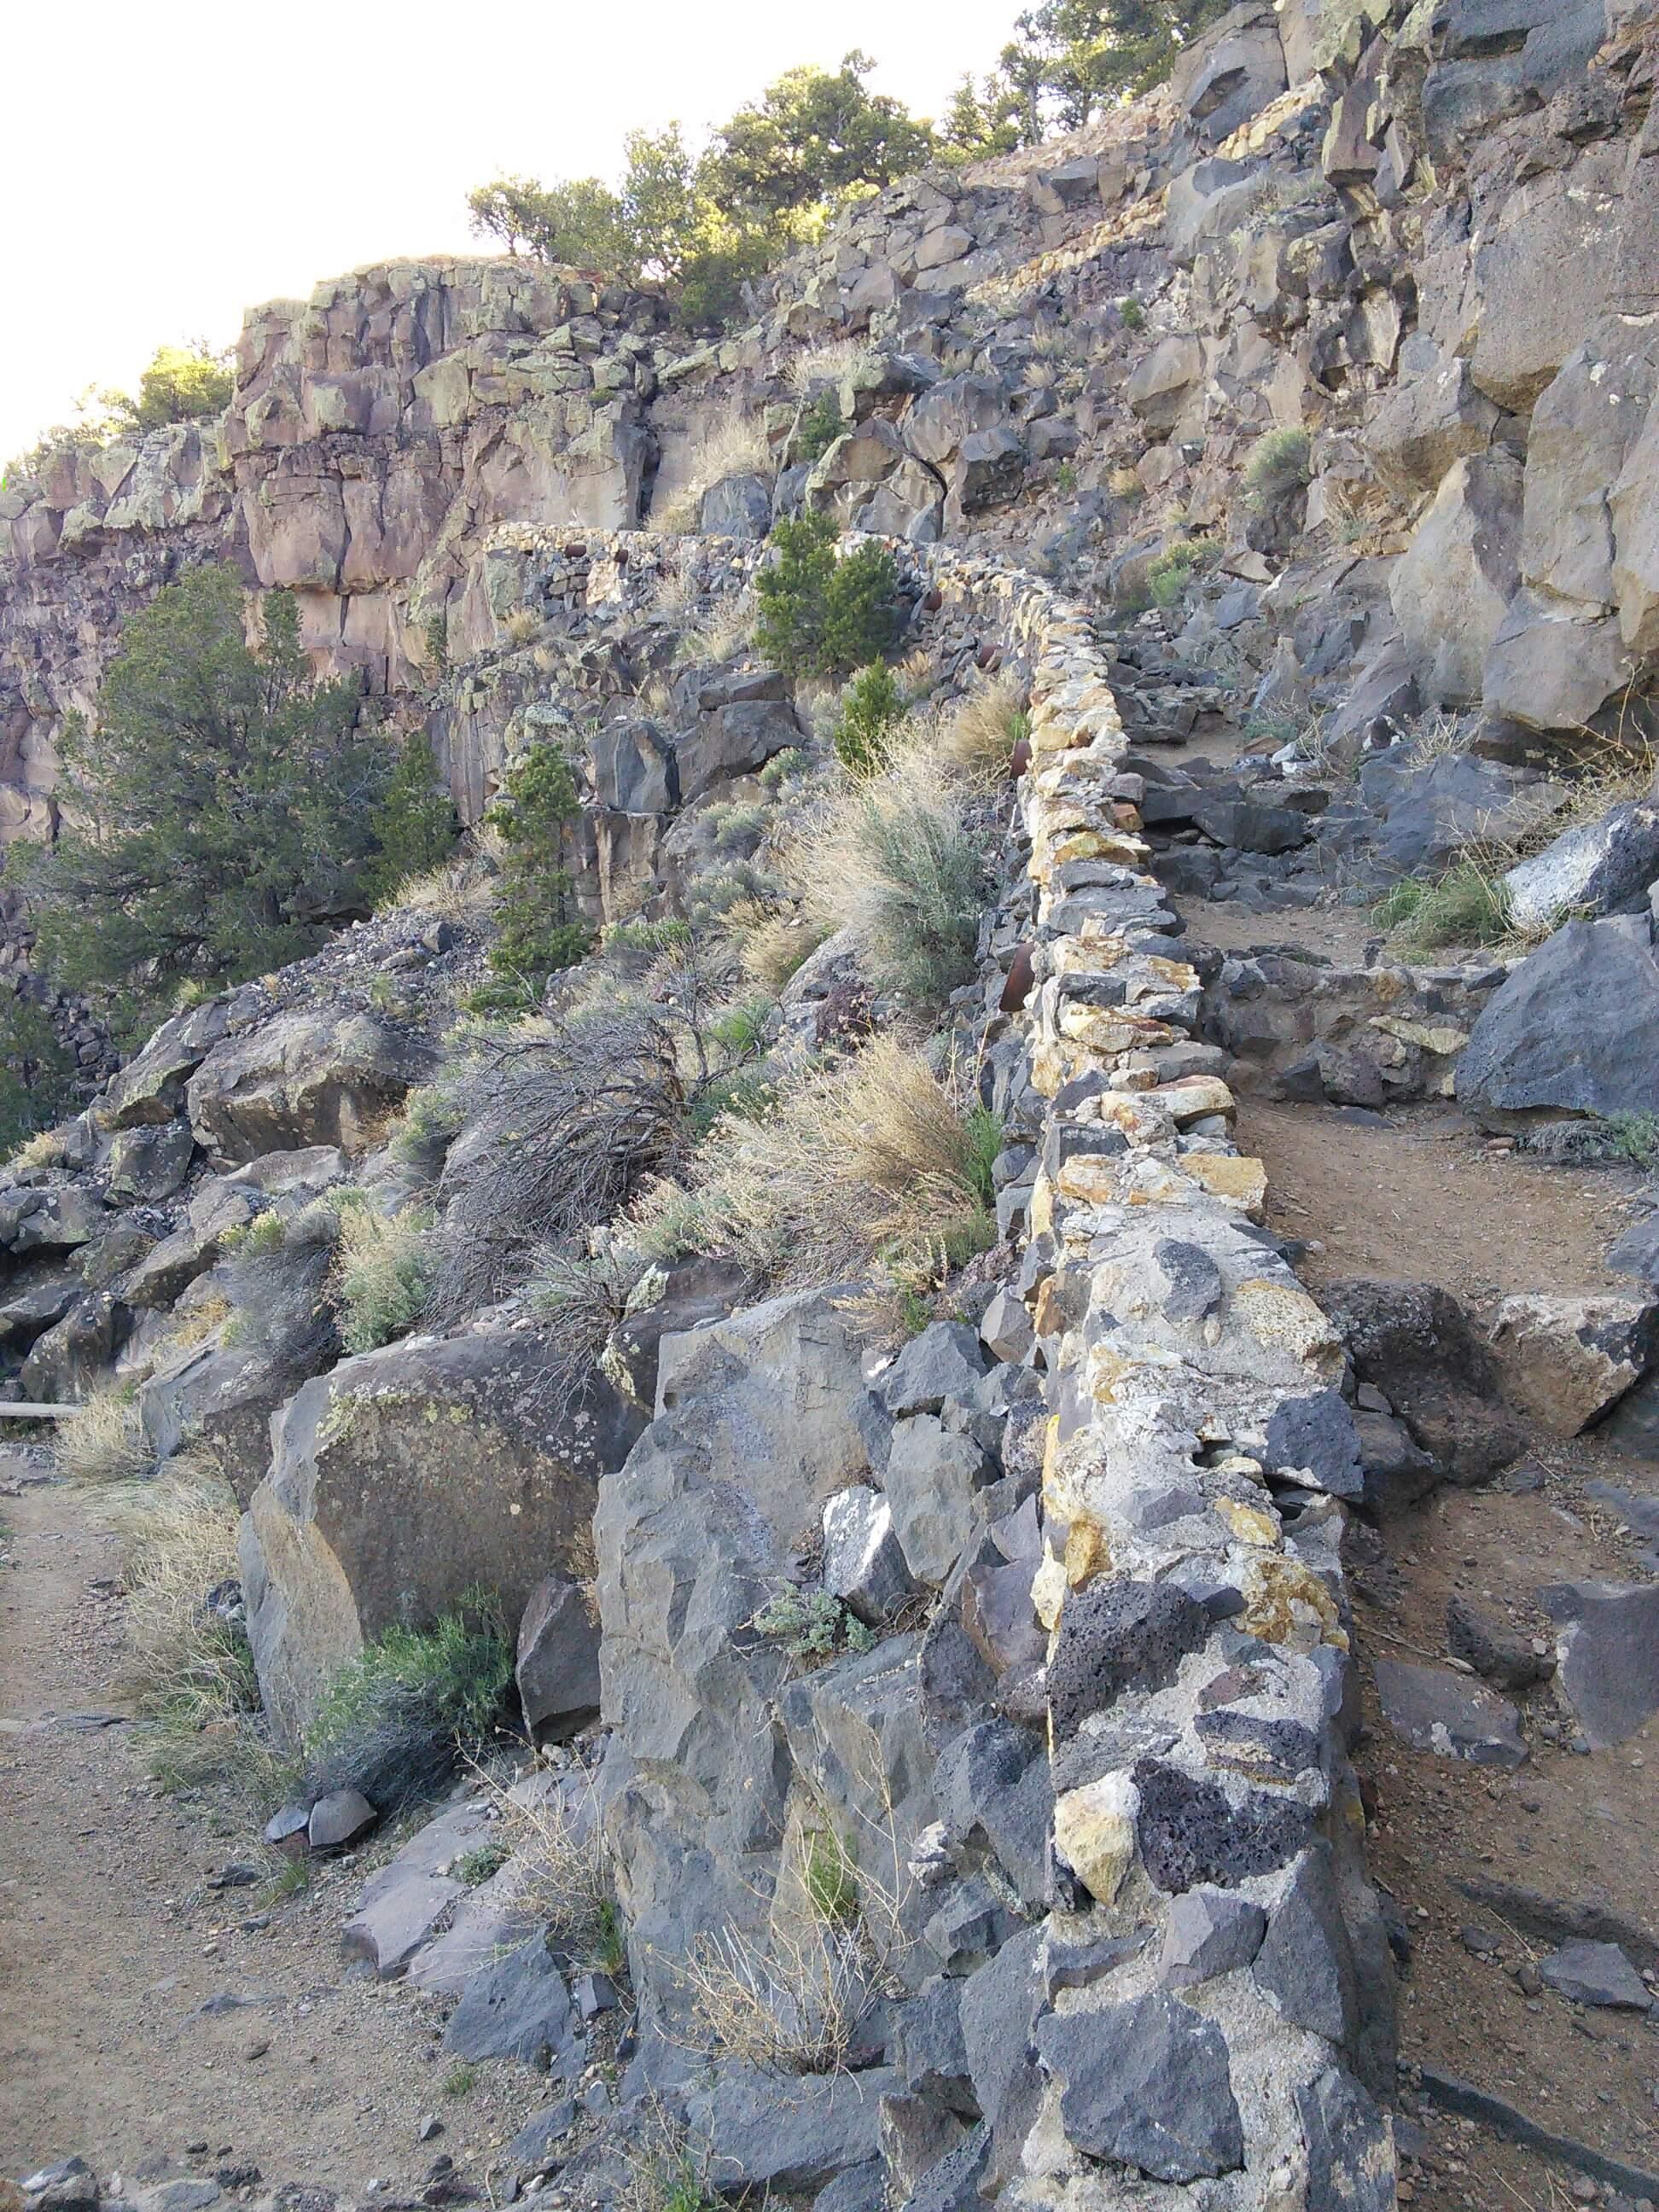 Trail down to the Rio Grande River, NM